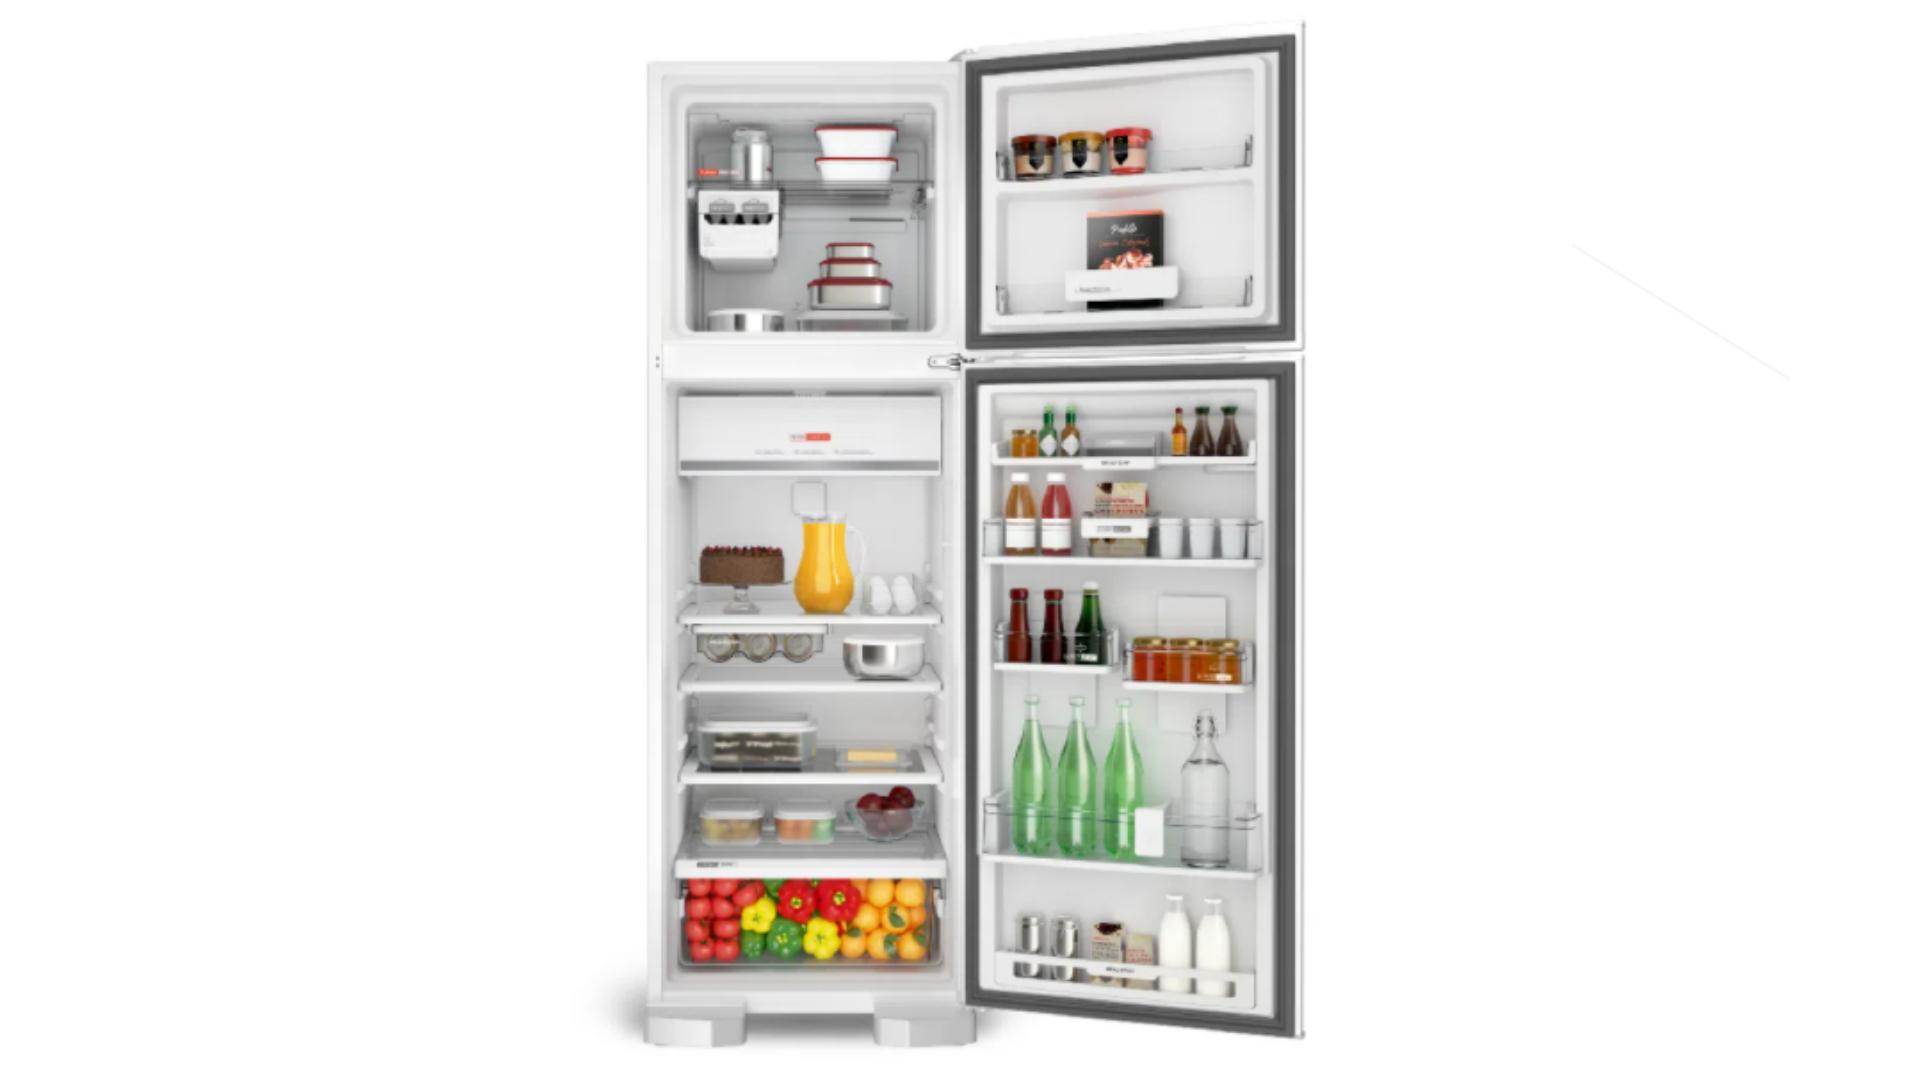 A Brastemp BRM54HB é uma geladeira grande e com capacidade de 400 litros (Imagem: Divulgação/Brastemp)